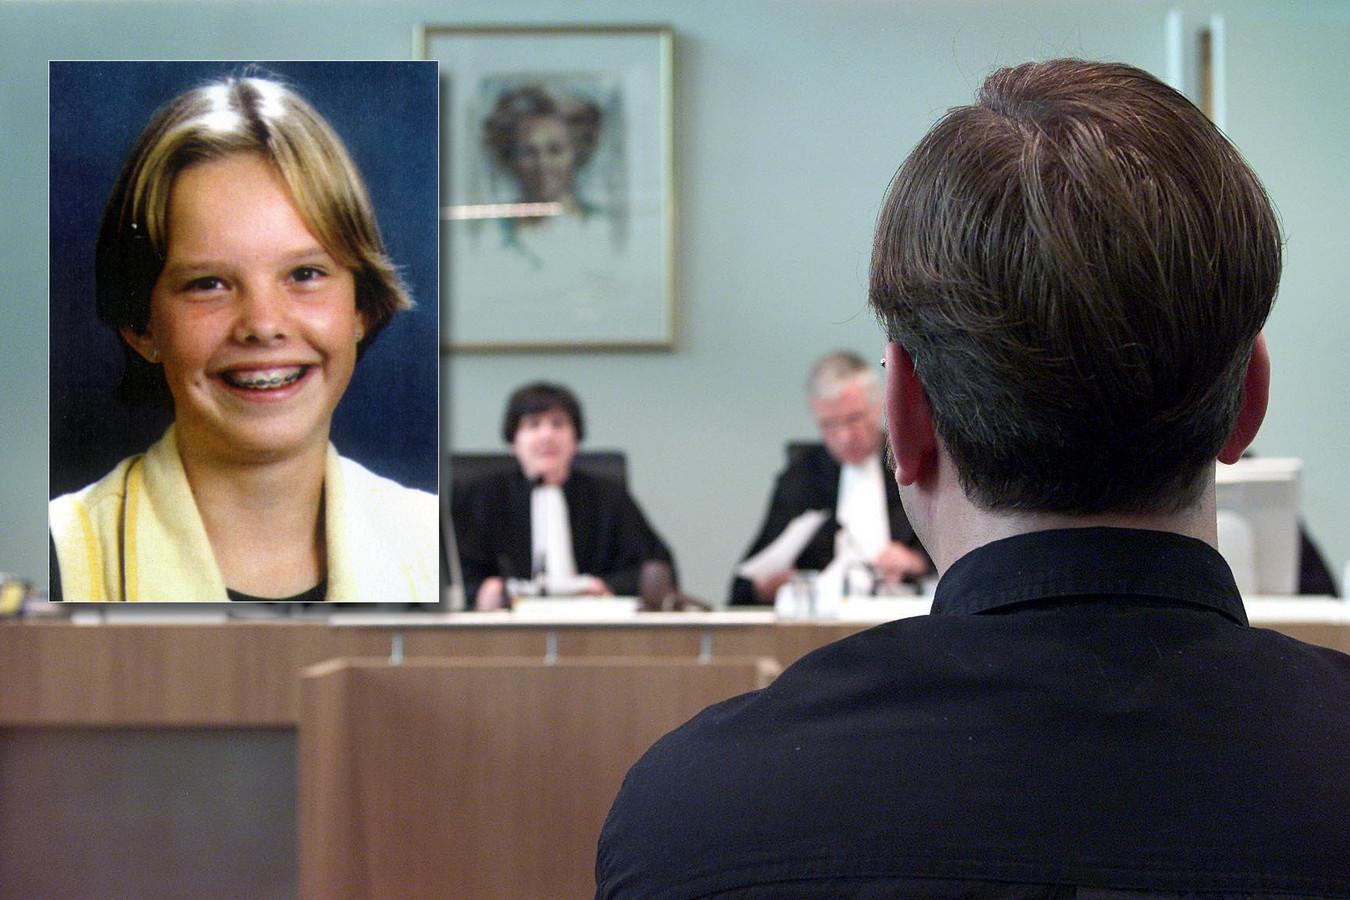 Martin C. bij zijn veroordeling voor de moord op Sybine Jansons in 2001.